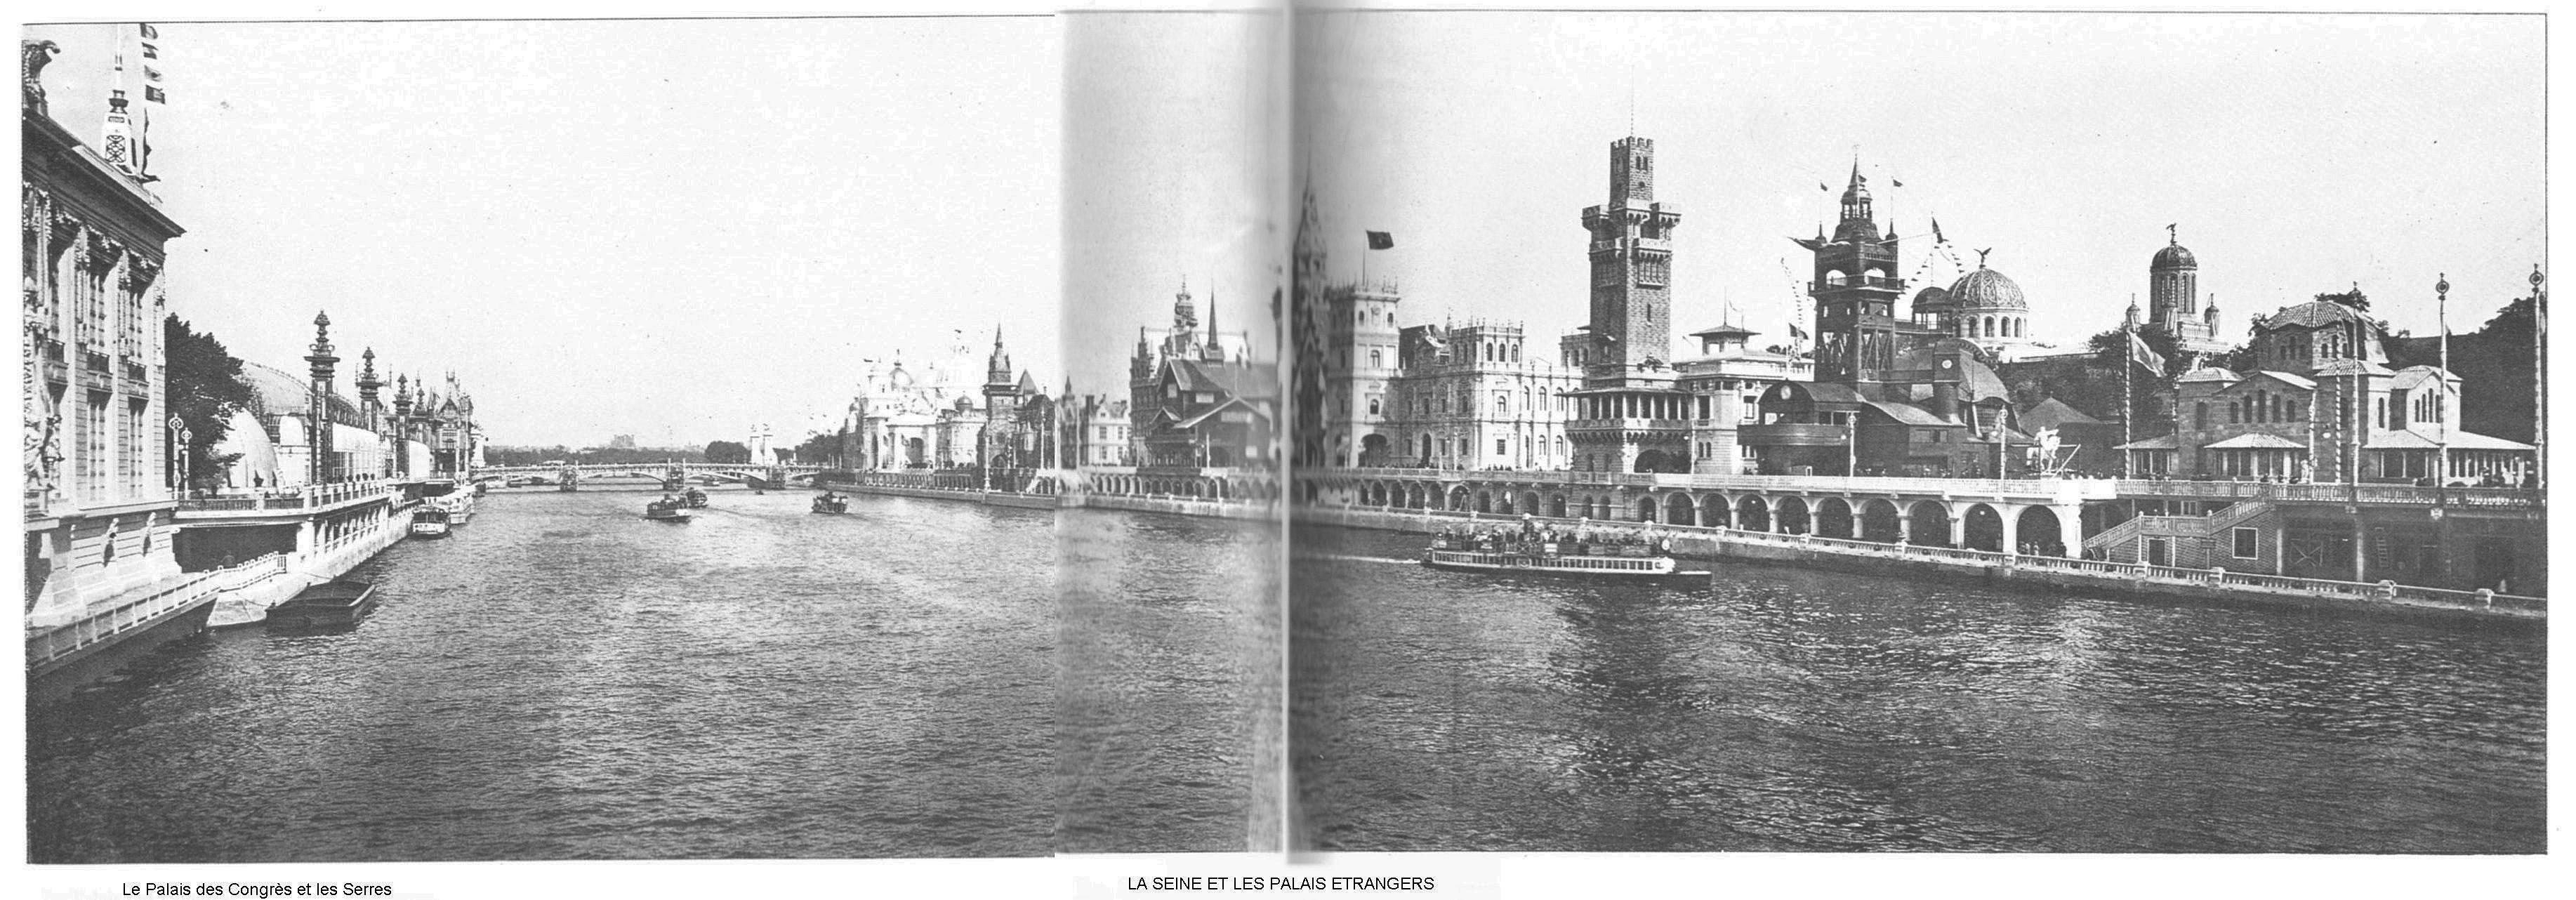 La seine et les palais etrangers